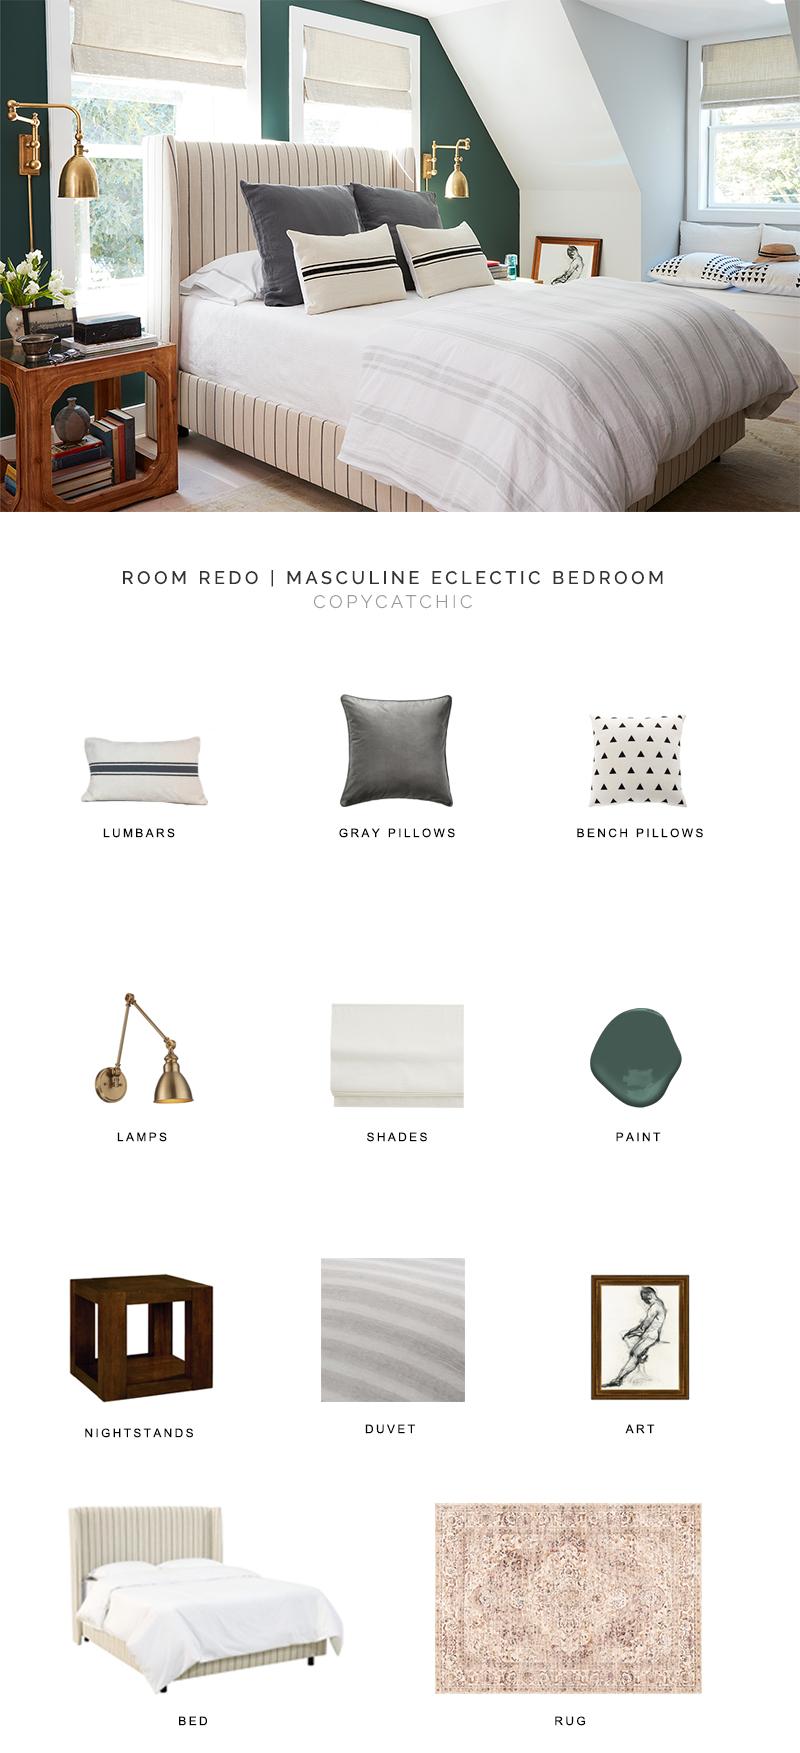 Room Redo Masculine Eclectic Bedroom Copycatchic